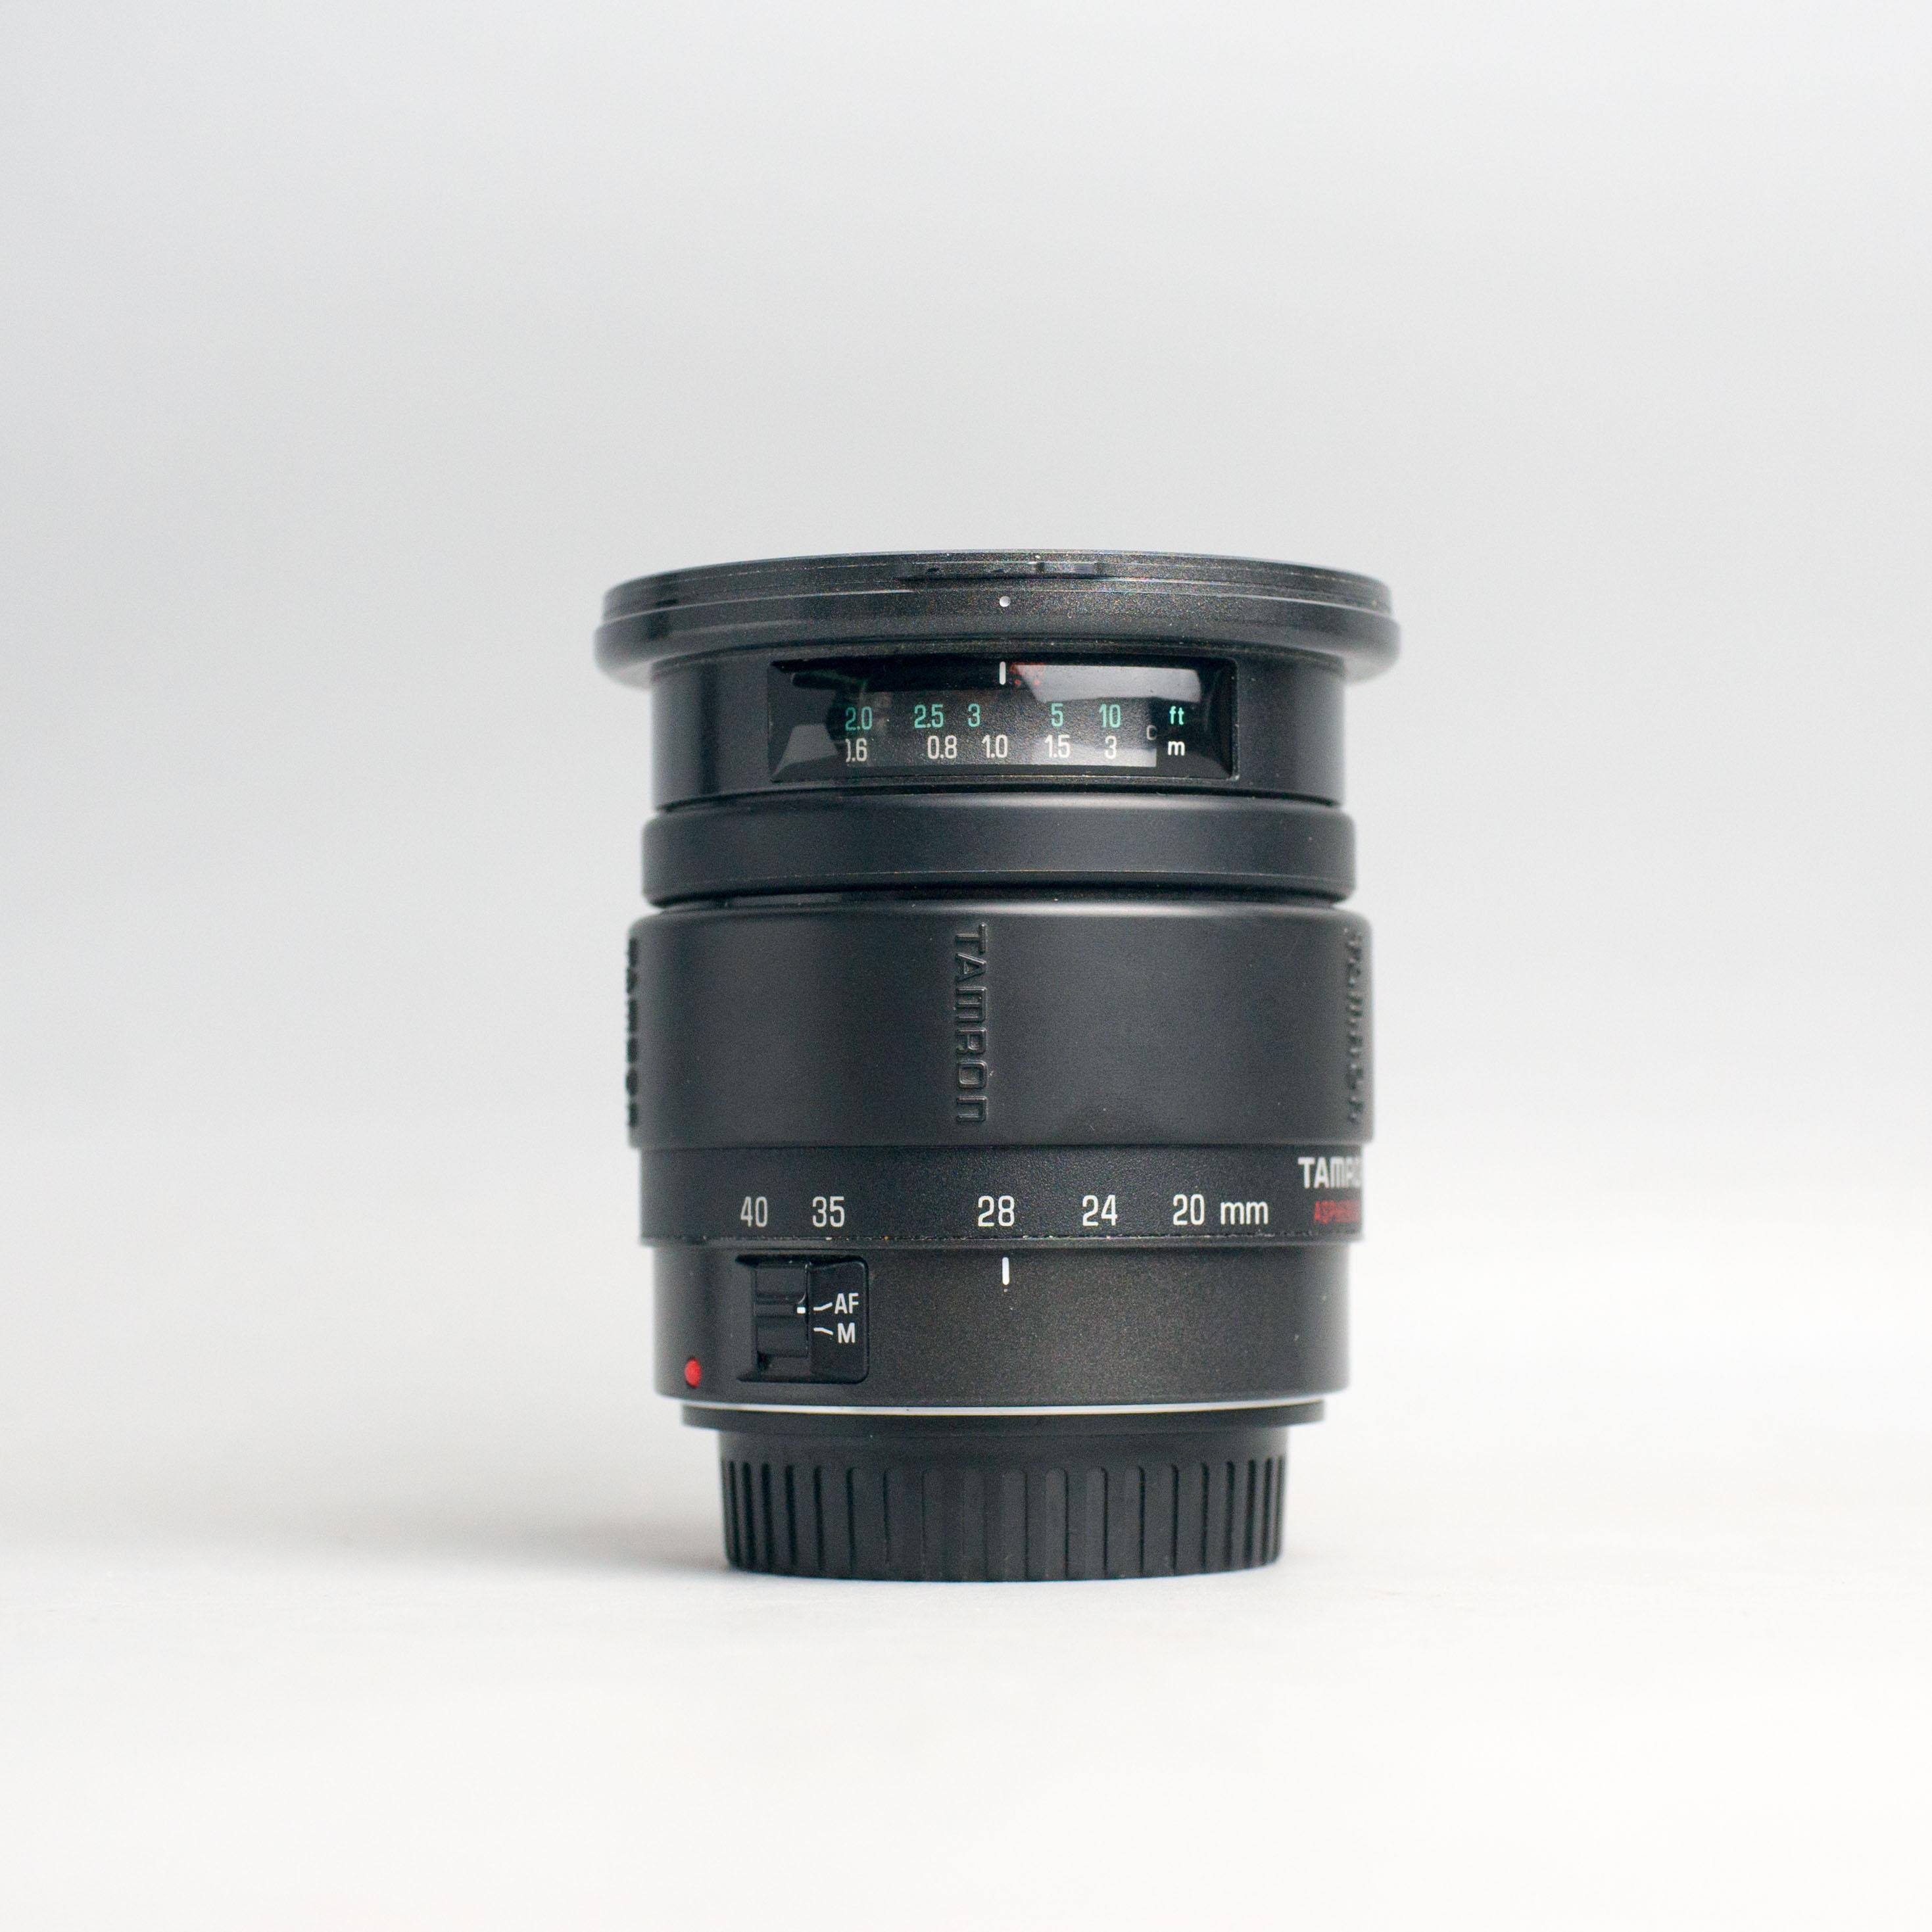 tamron-20-40mm-f2-7-3-5-aspherical-af-canon-20-40-2-7-3-5-17174